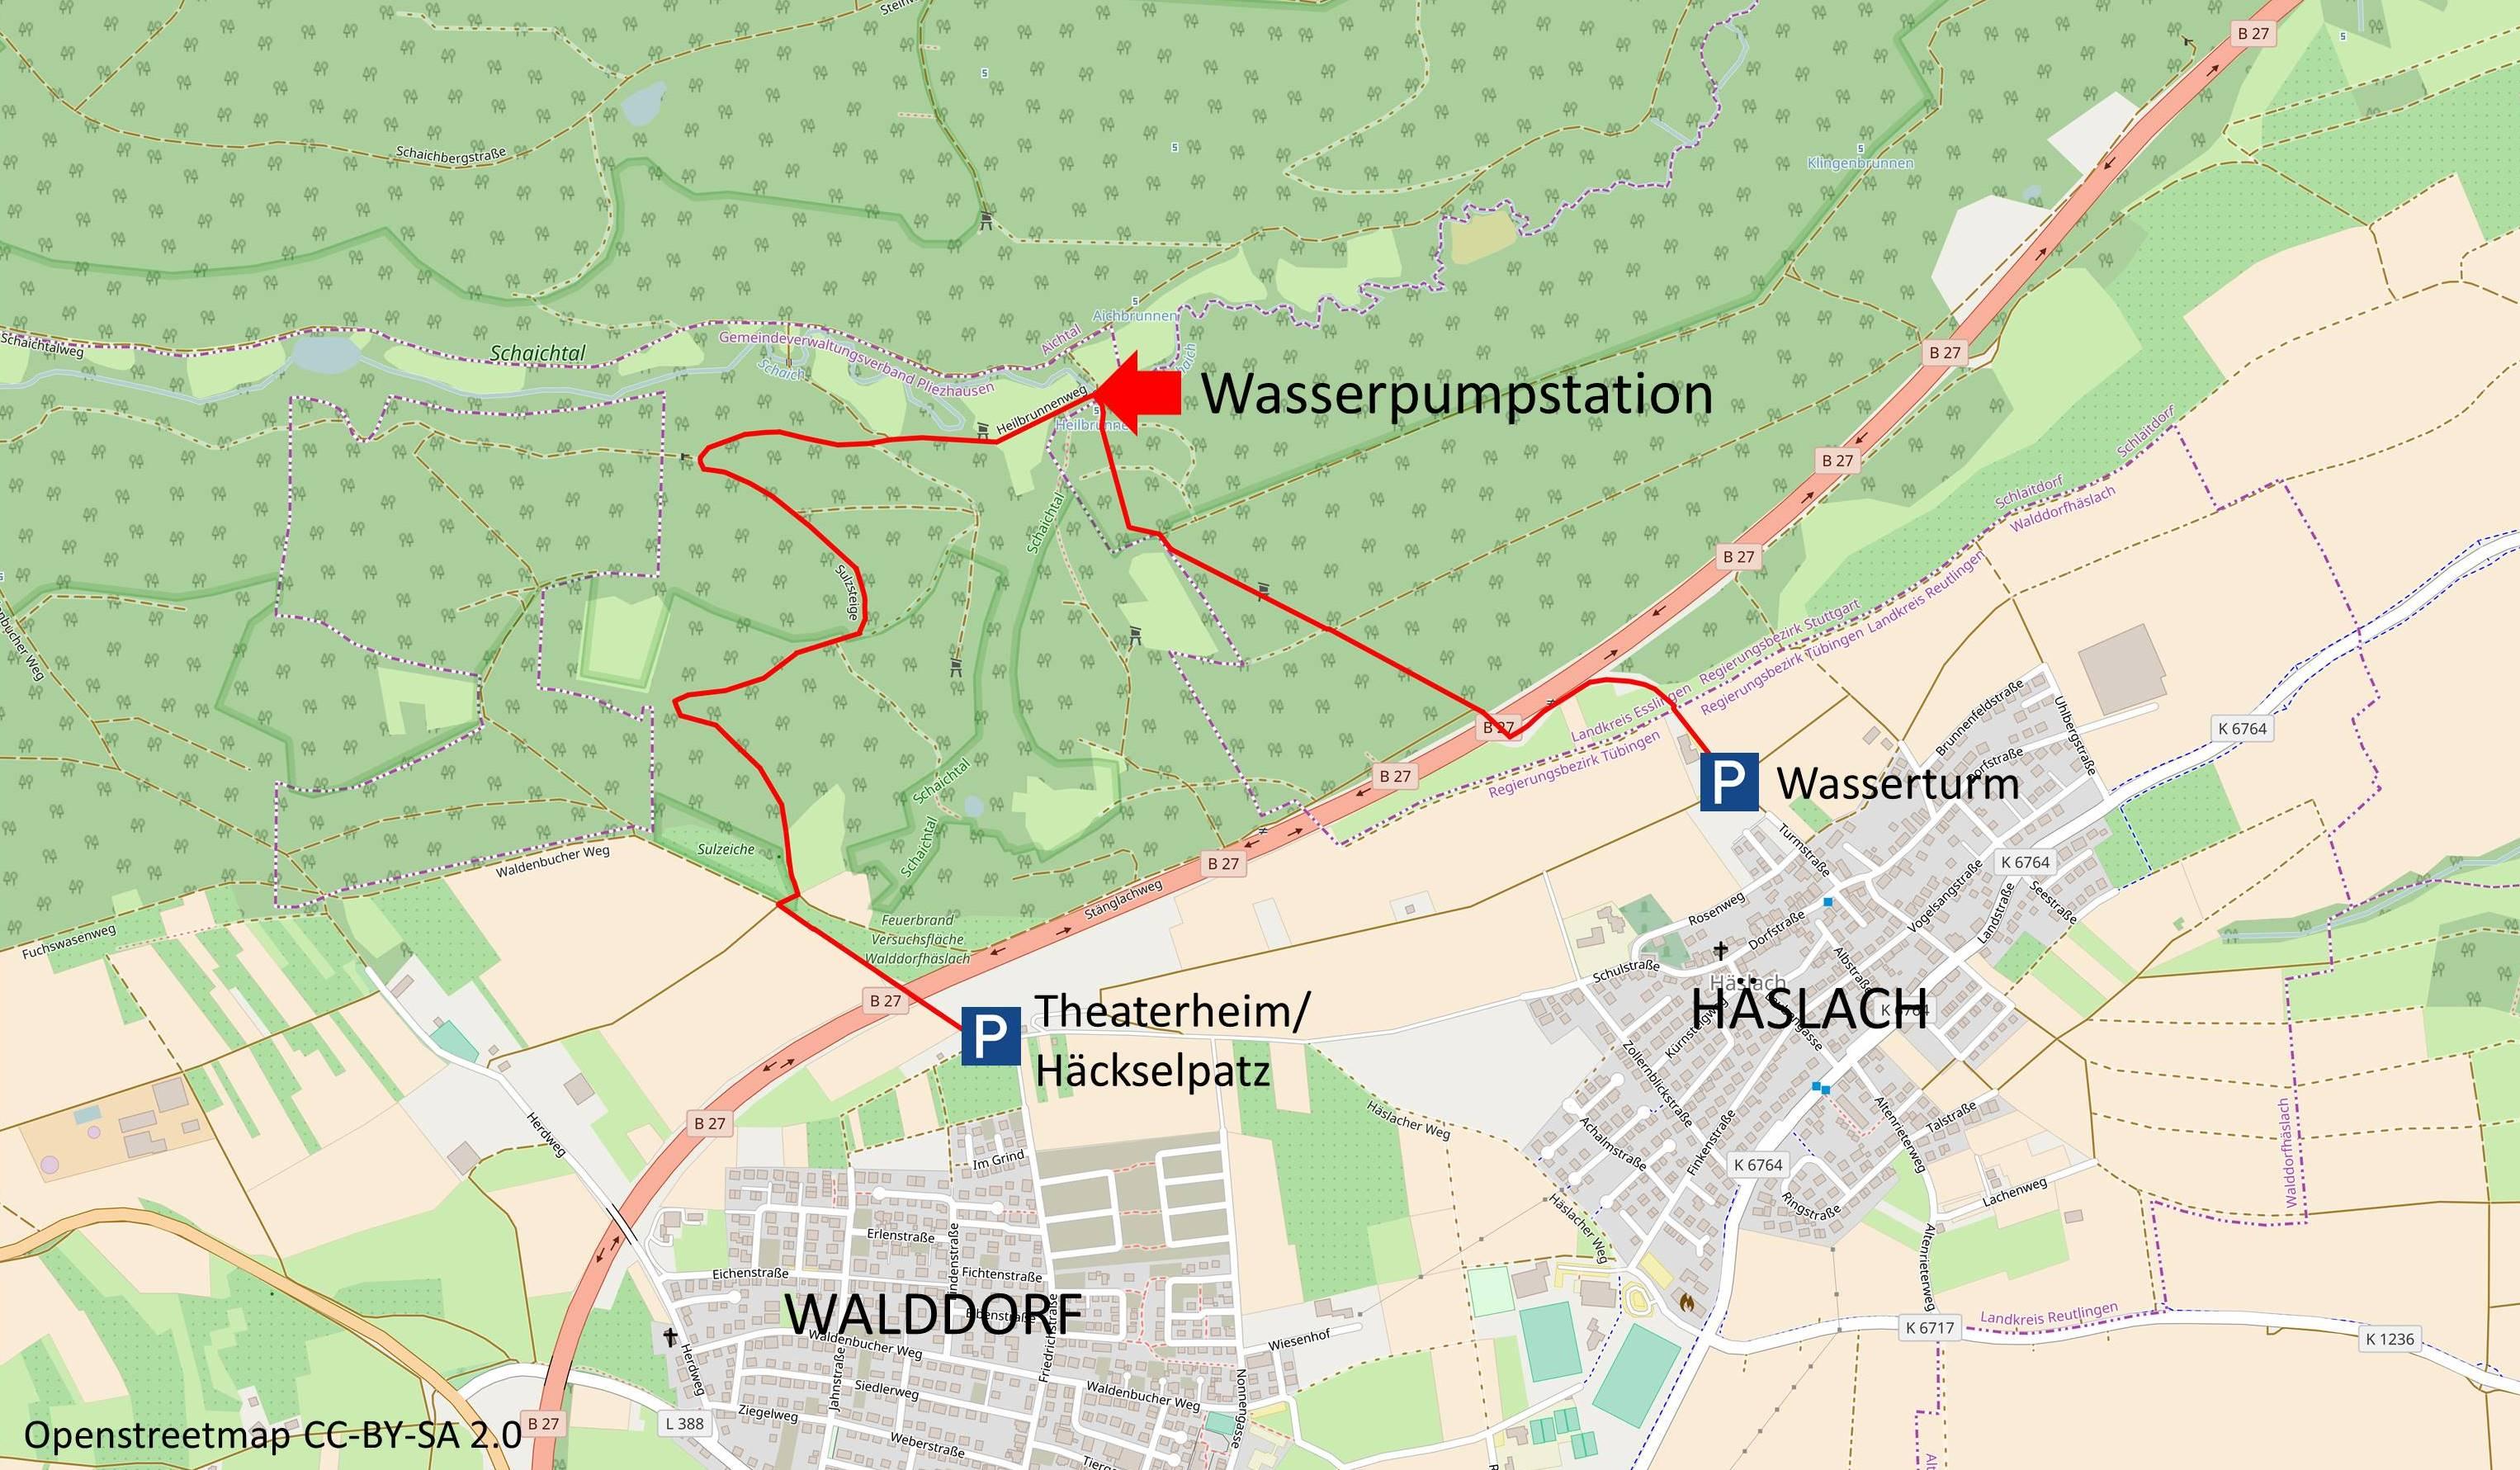 Wasserpumpstation Karte Projekt zur Erhaltung der historischen Wasserpumpstation im Schaichtal